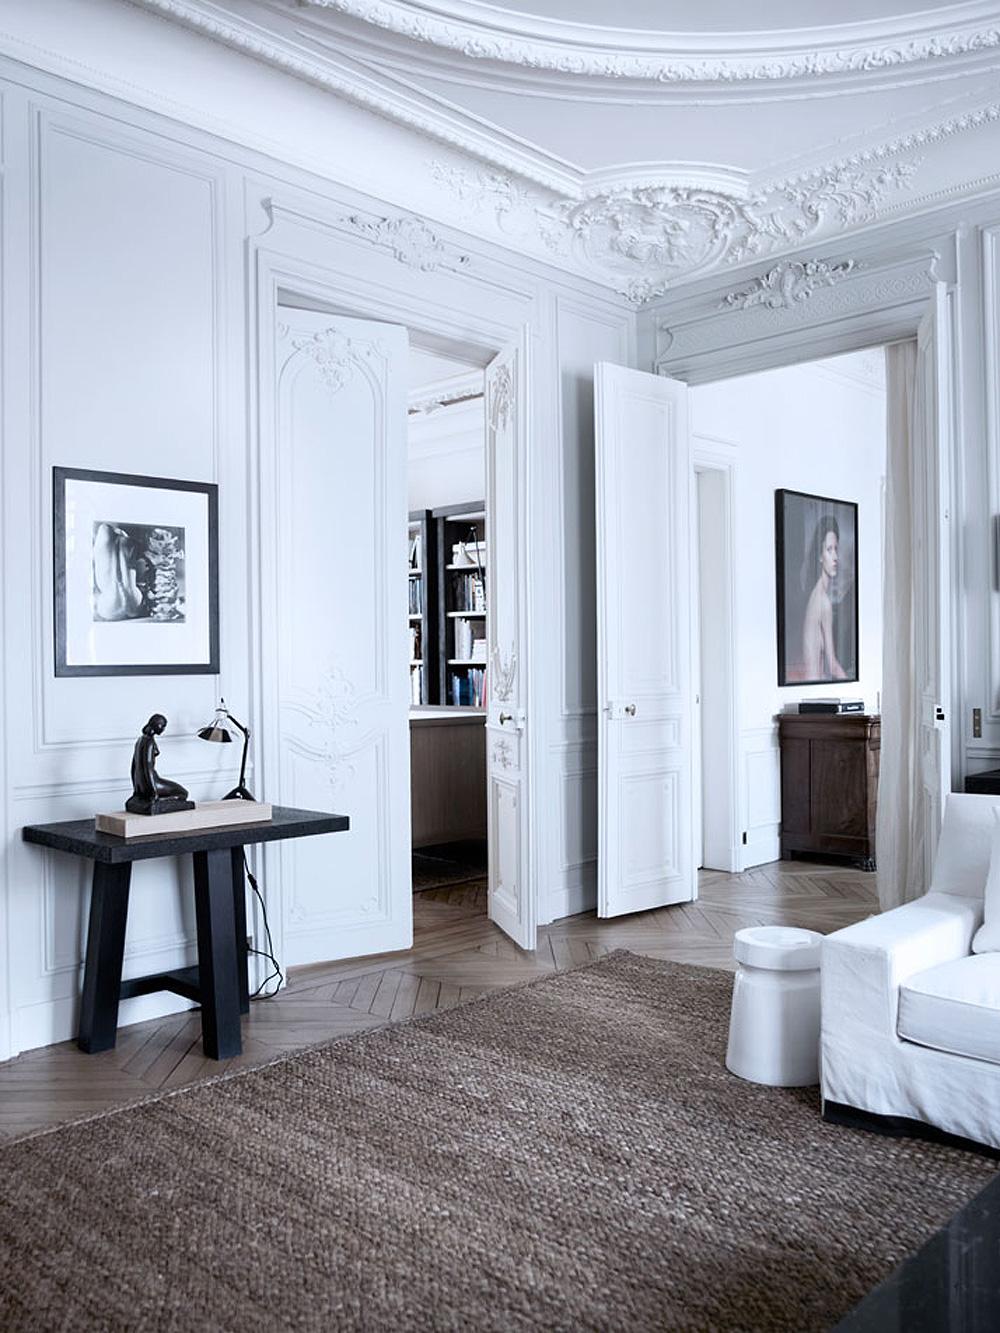 Oracle, Fox, Sunday, Sanctuary, Paris, Apartment, Tour, Art, Interior, Gallery